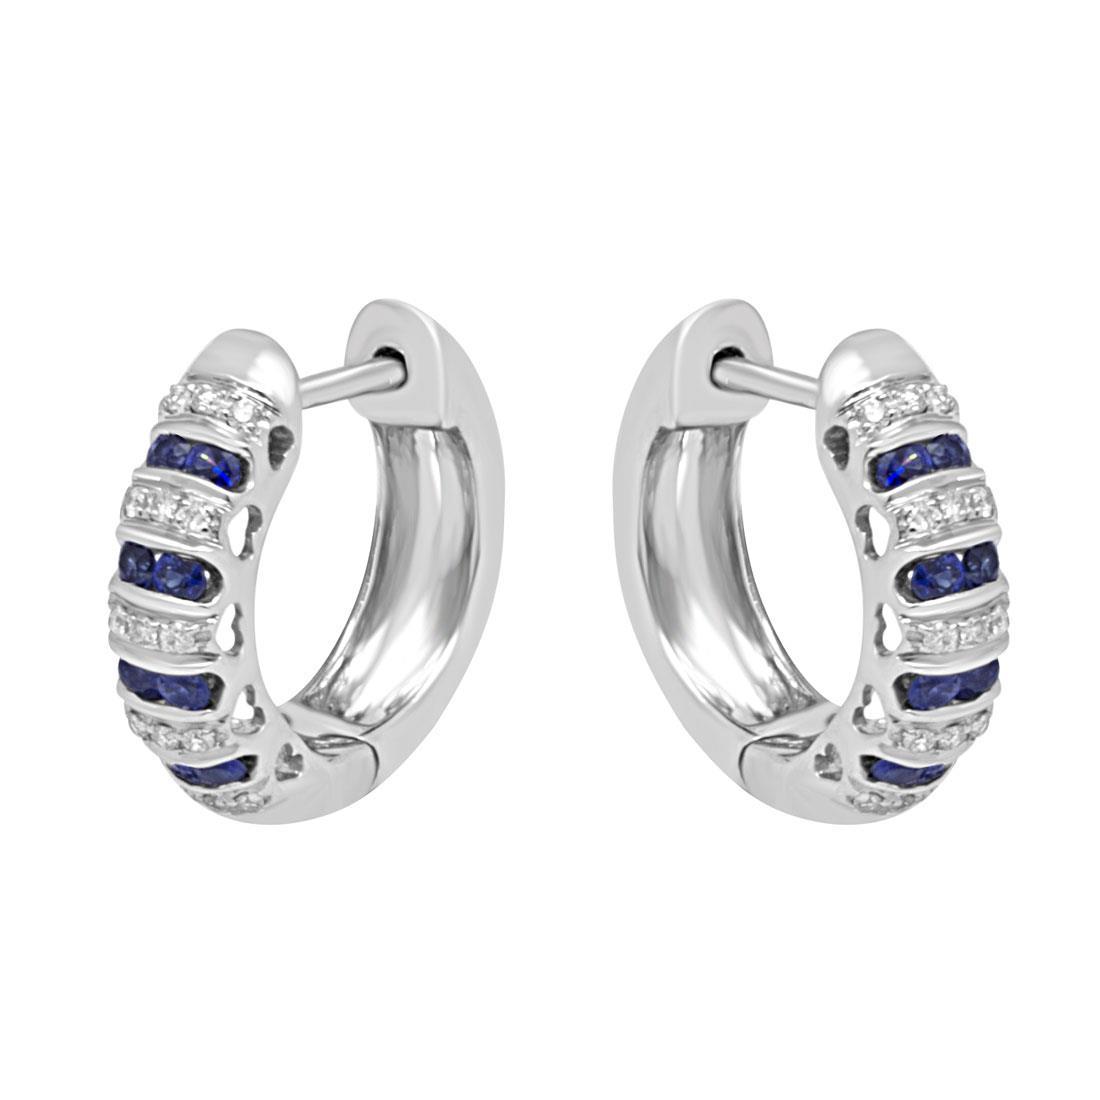 Orecchini a cerchio in oro bianco con diamanti e zaffiri - BLISS